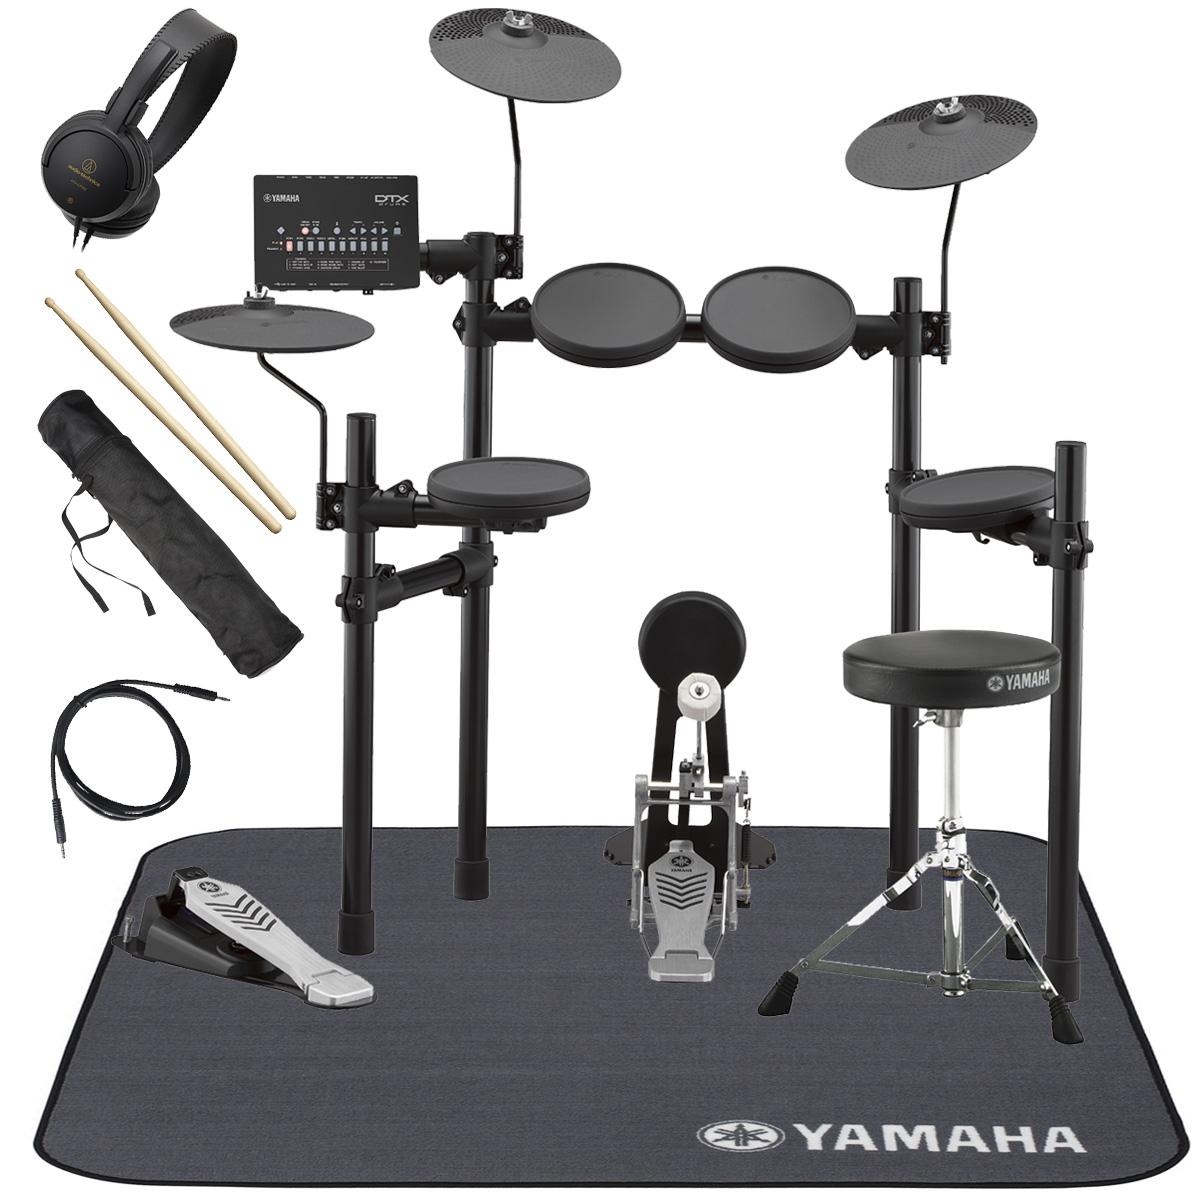 YAMAHA / DTX432KS 電子ドラム 純正マット付き オリジナルスターターパック【YRK】